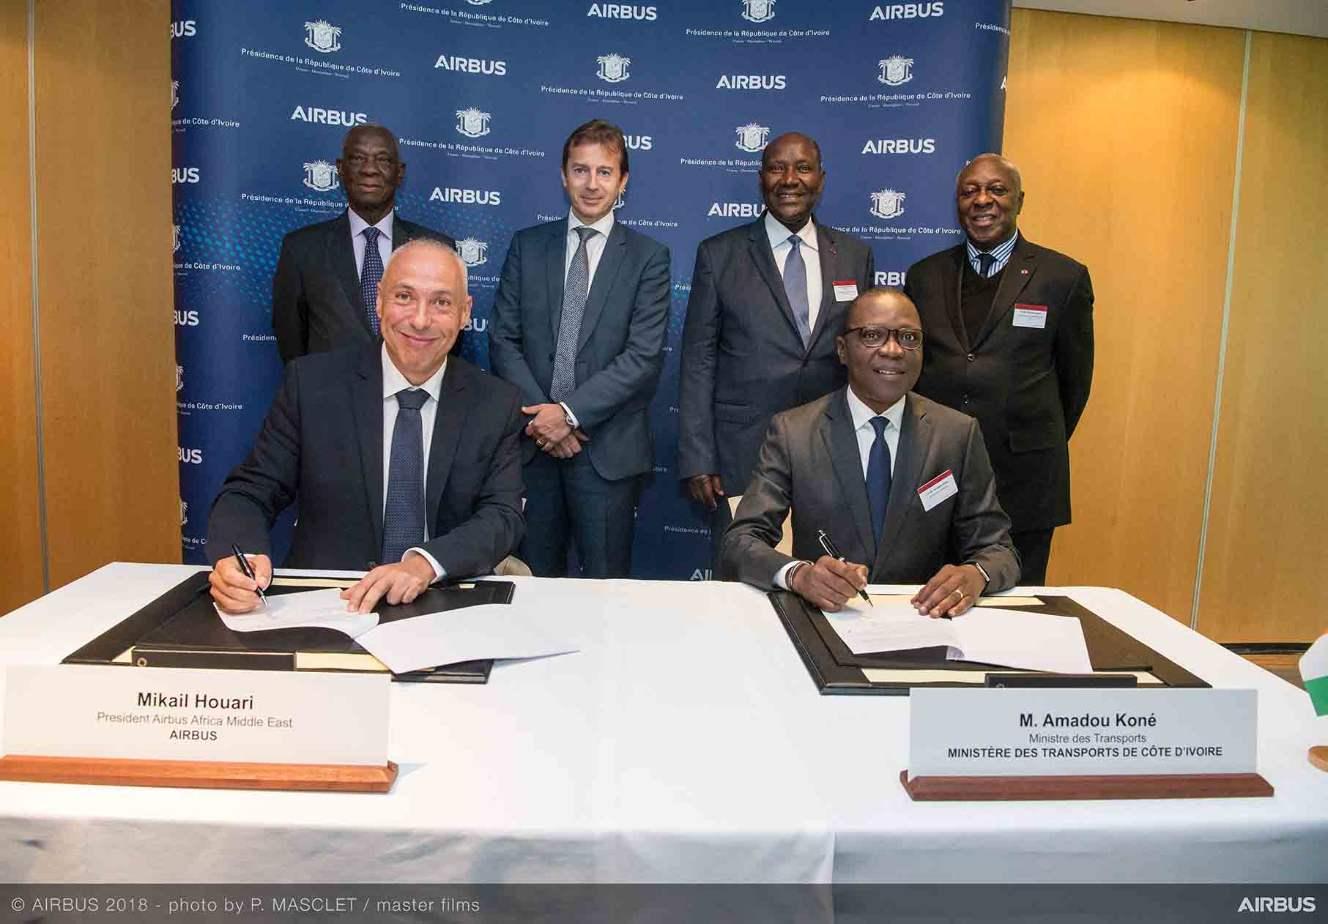 Airbus mise sur la Côte d'Ivoire